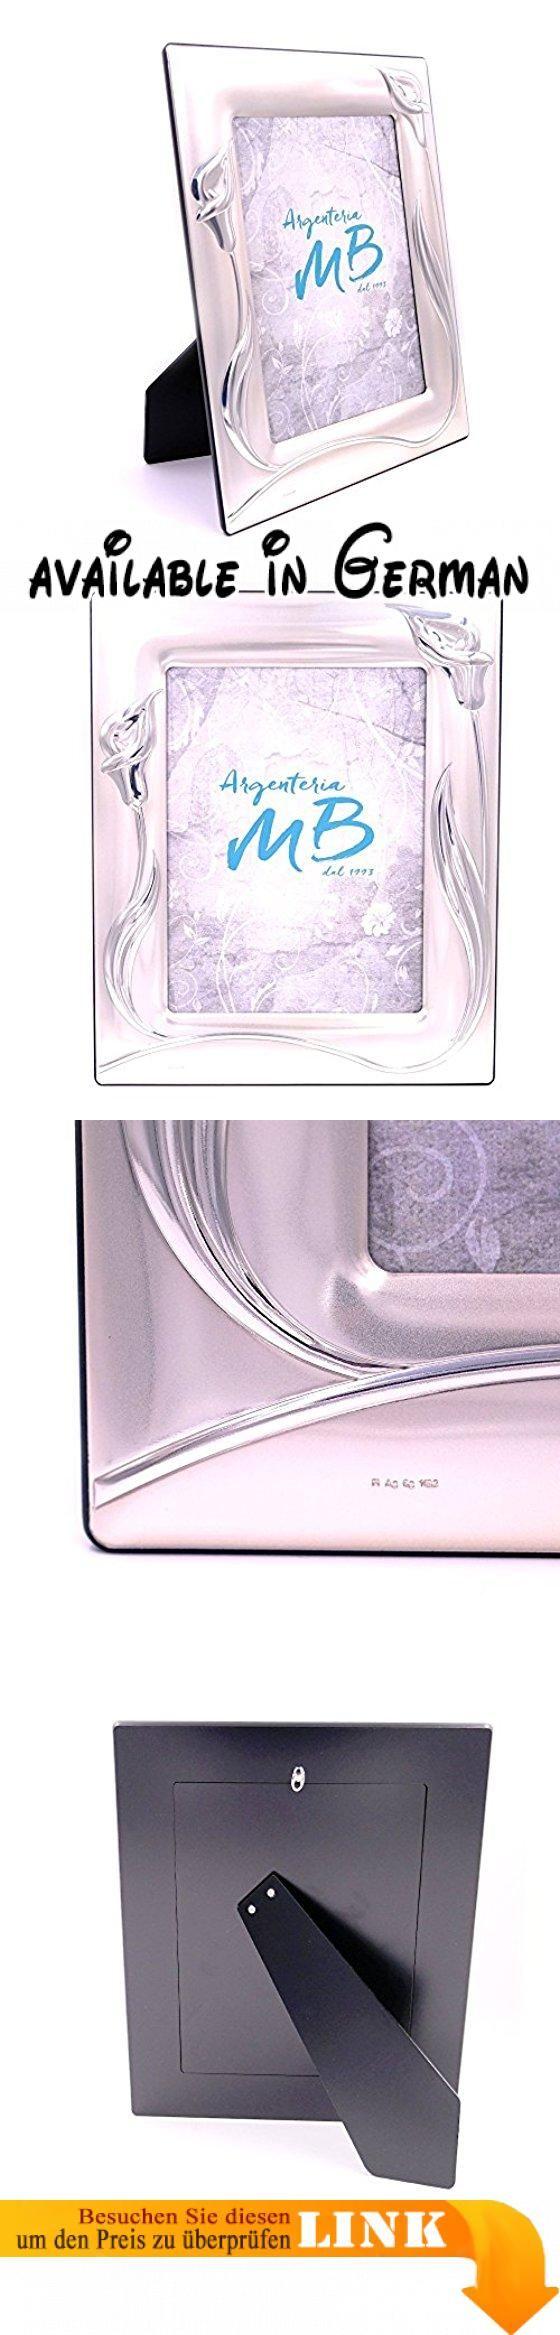 Bilderrahmen in Silber satiniert cm 18x 24Dekor Calla. Bilderrahmen, silberfarben, zweifach beschichtet. Dekor glänzend und satiniert. Rückseite schwarz. Innenmaß: 18x 24cm Außenmaß: 28x 34cm. Handwerkliches Produkt Made in Italy #Küche & Haushalt #HOME